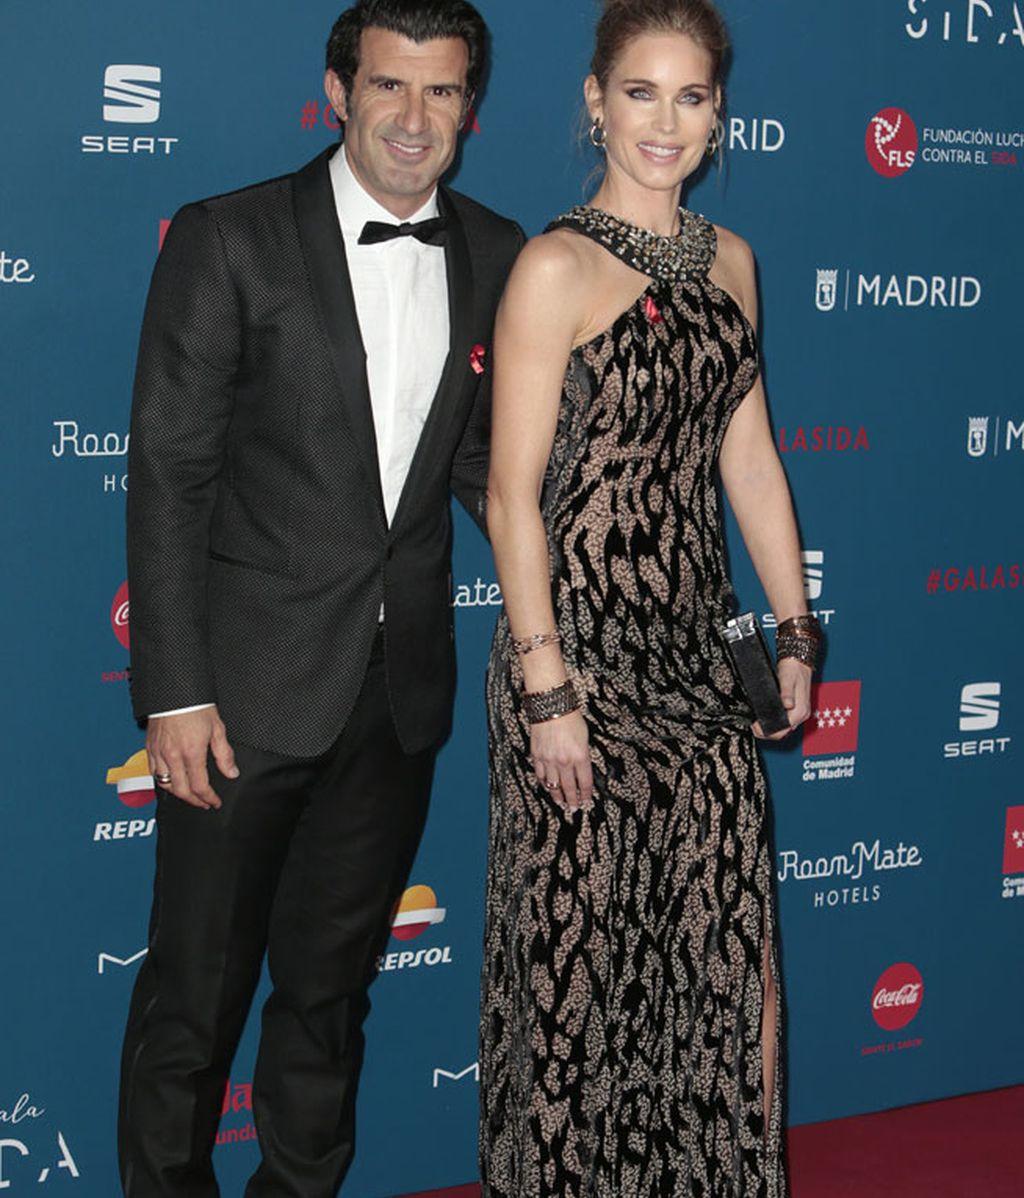 Luis Figo y su mujer Helen Swedin